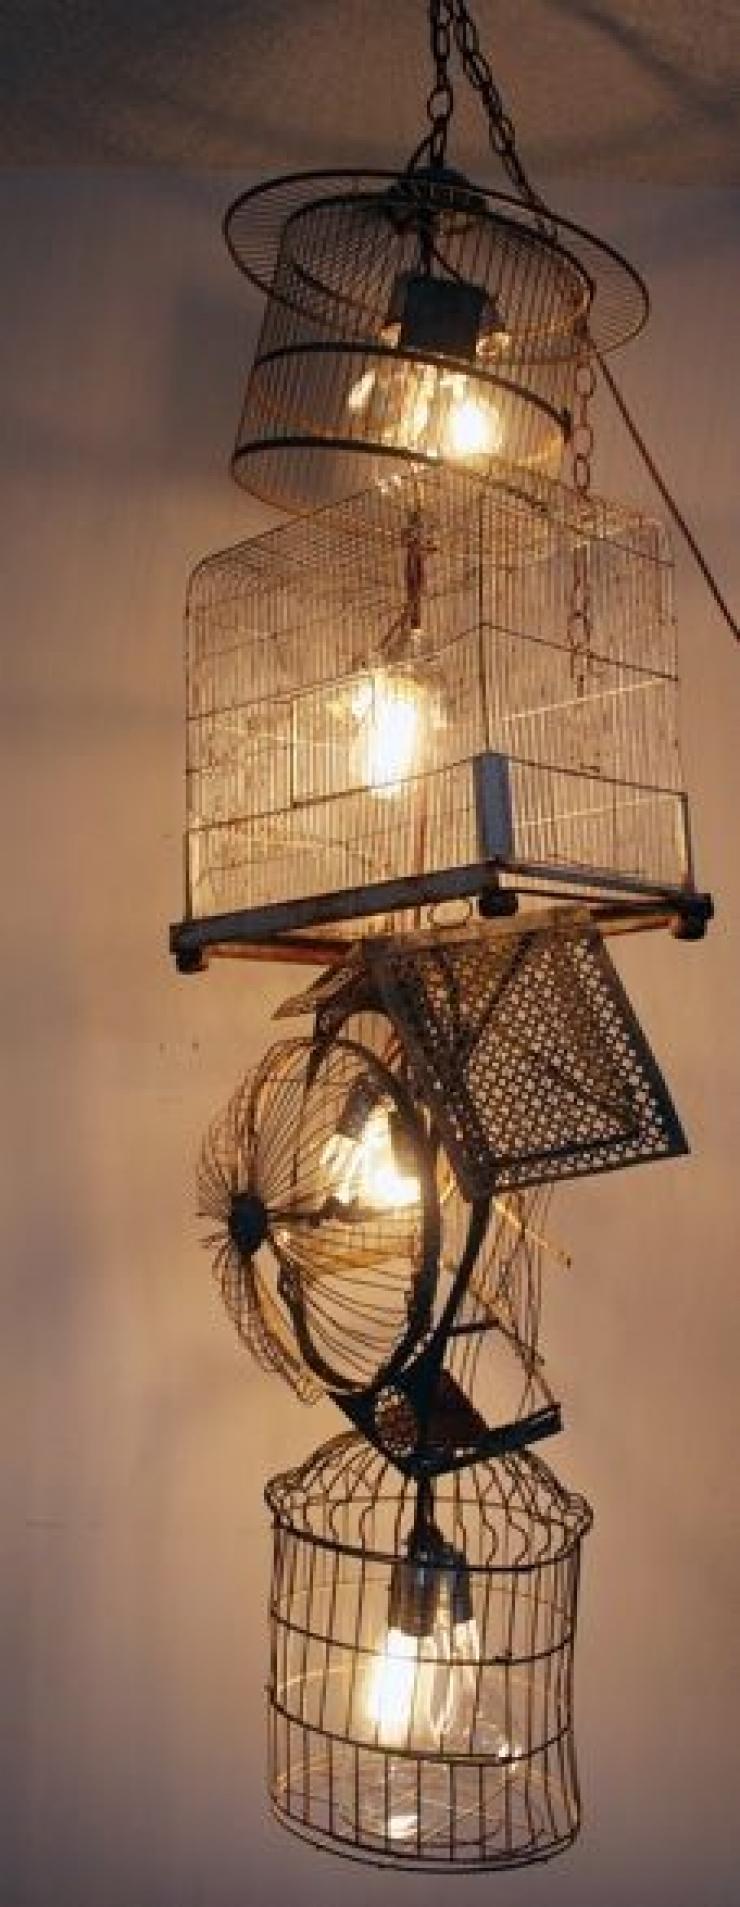 40 objets d tourn s en plusieurs lampes avec une bonne dose de cr ativit. Black Bedroom Furniture Sets. Home Design Ideas